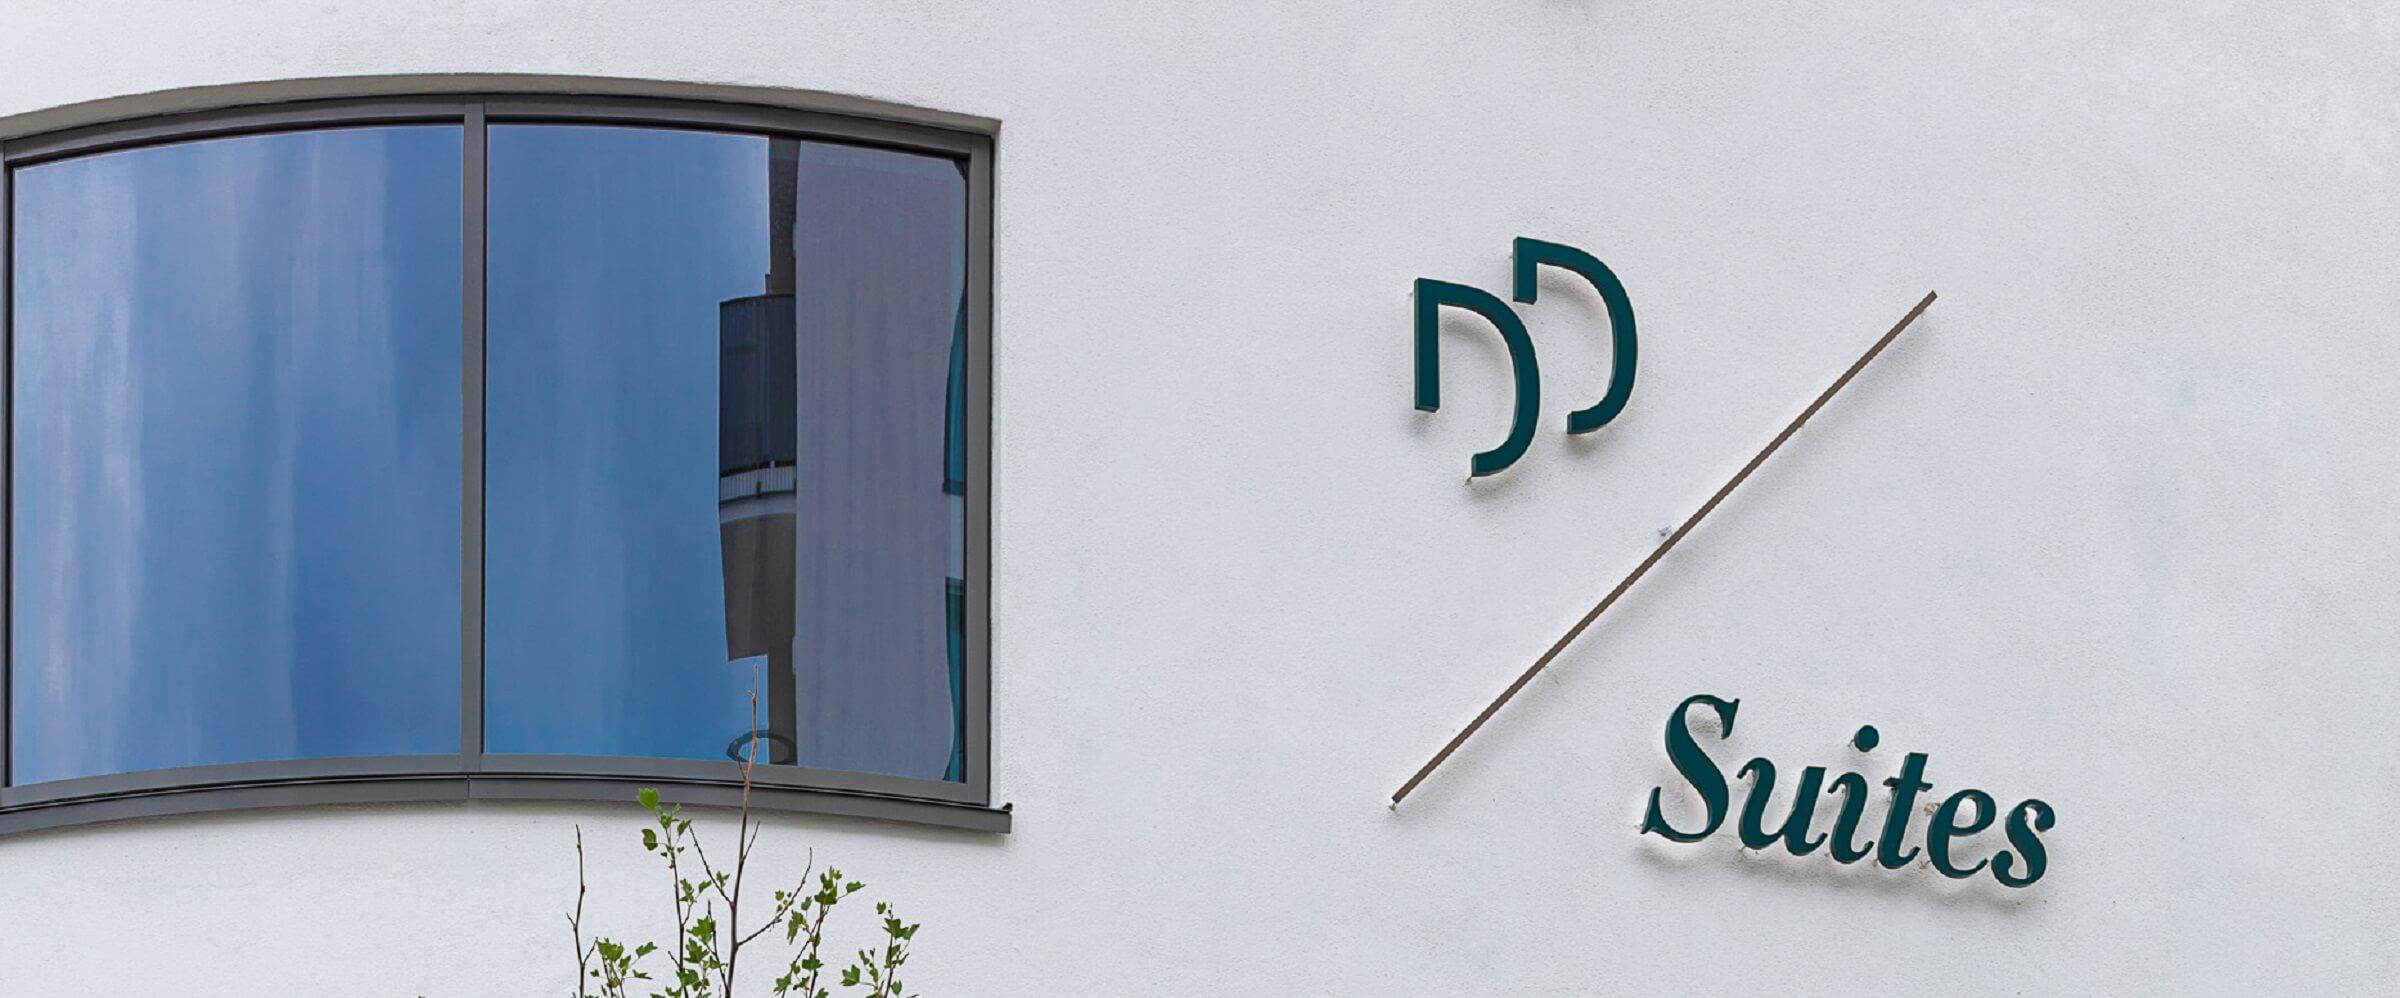 DD Suites Business Apartments München